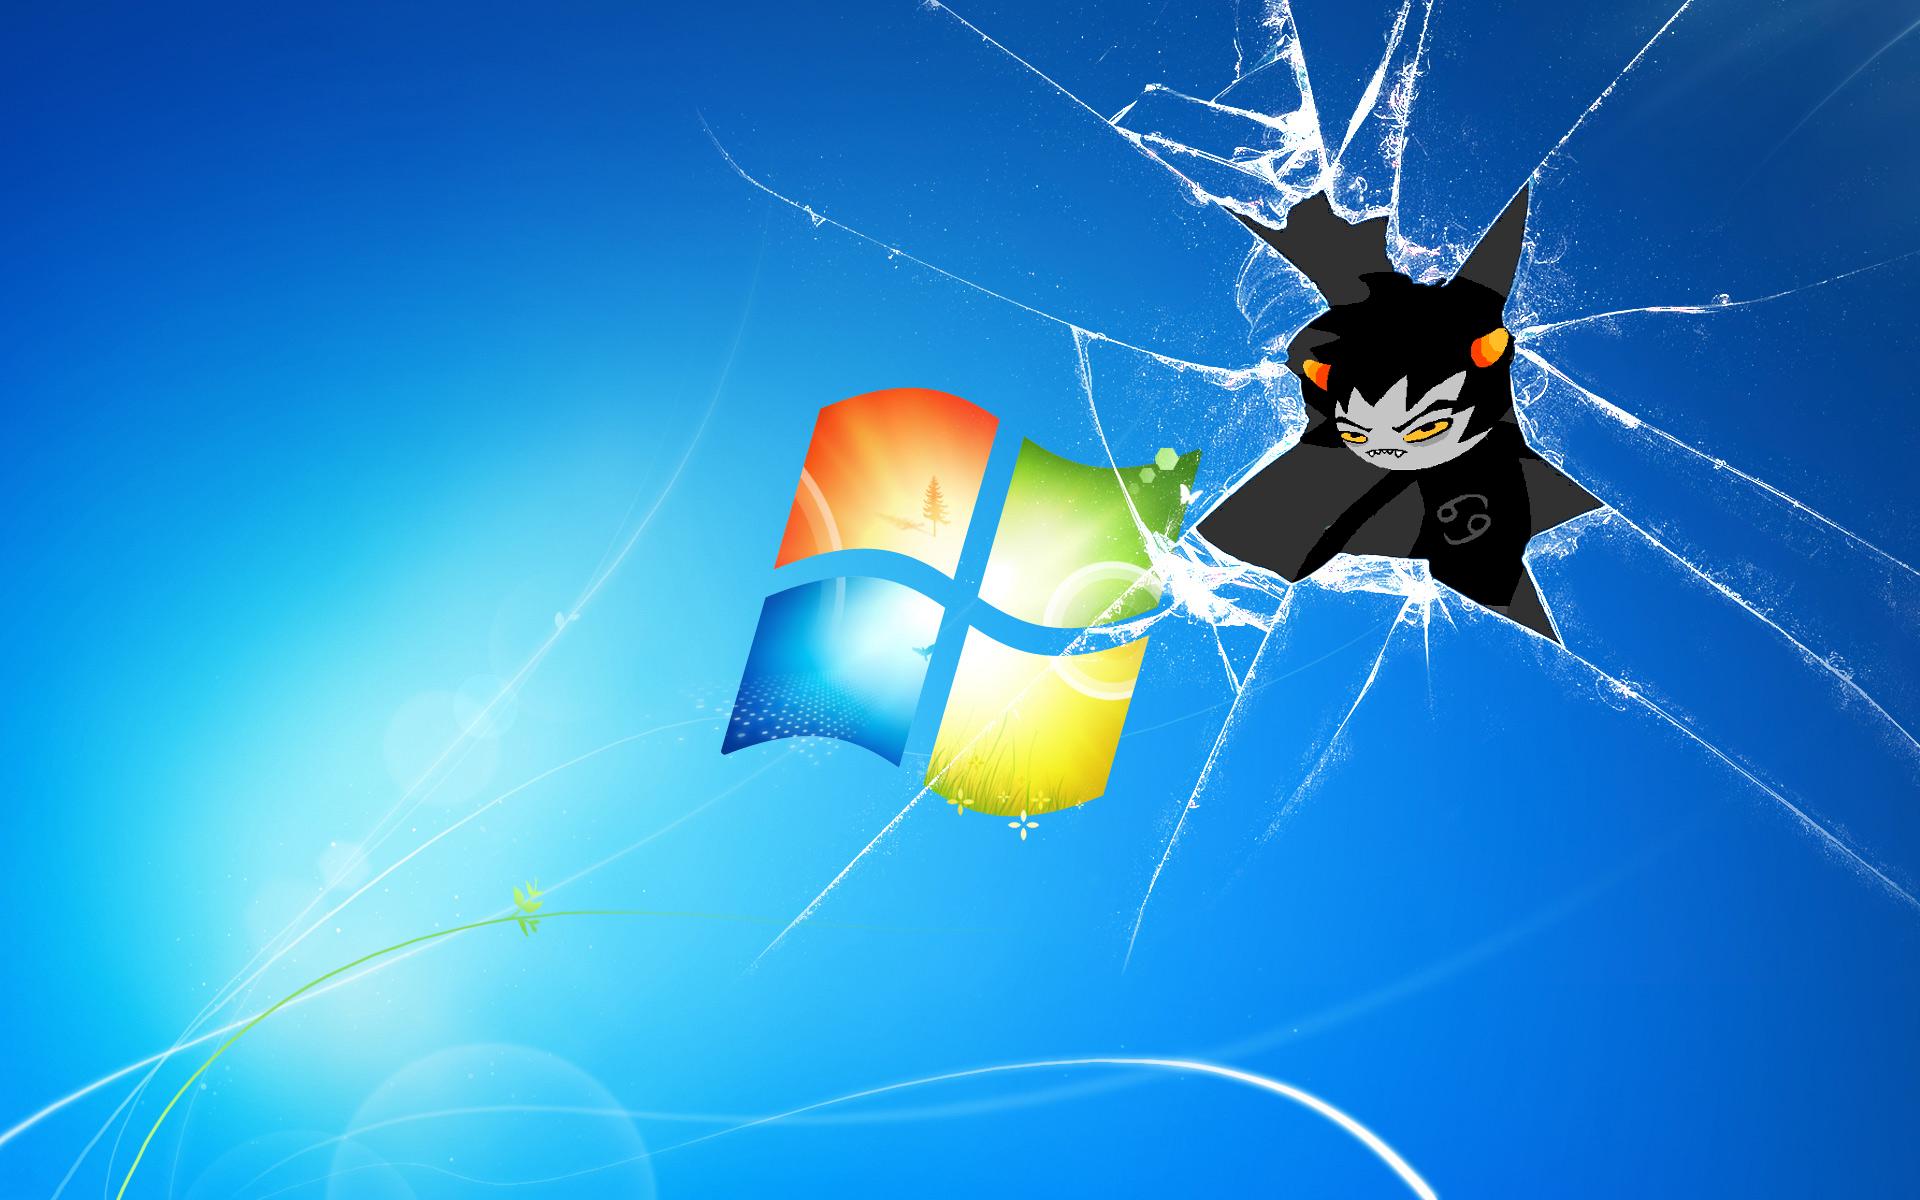 Free karkat desktop background by icyflame123 on deviantart